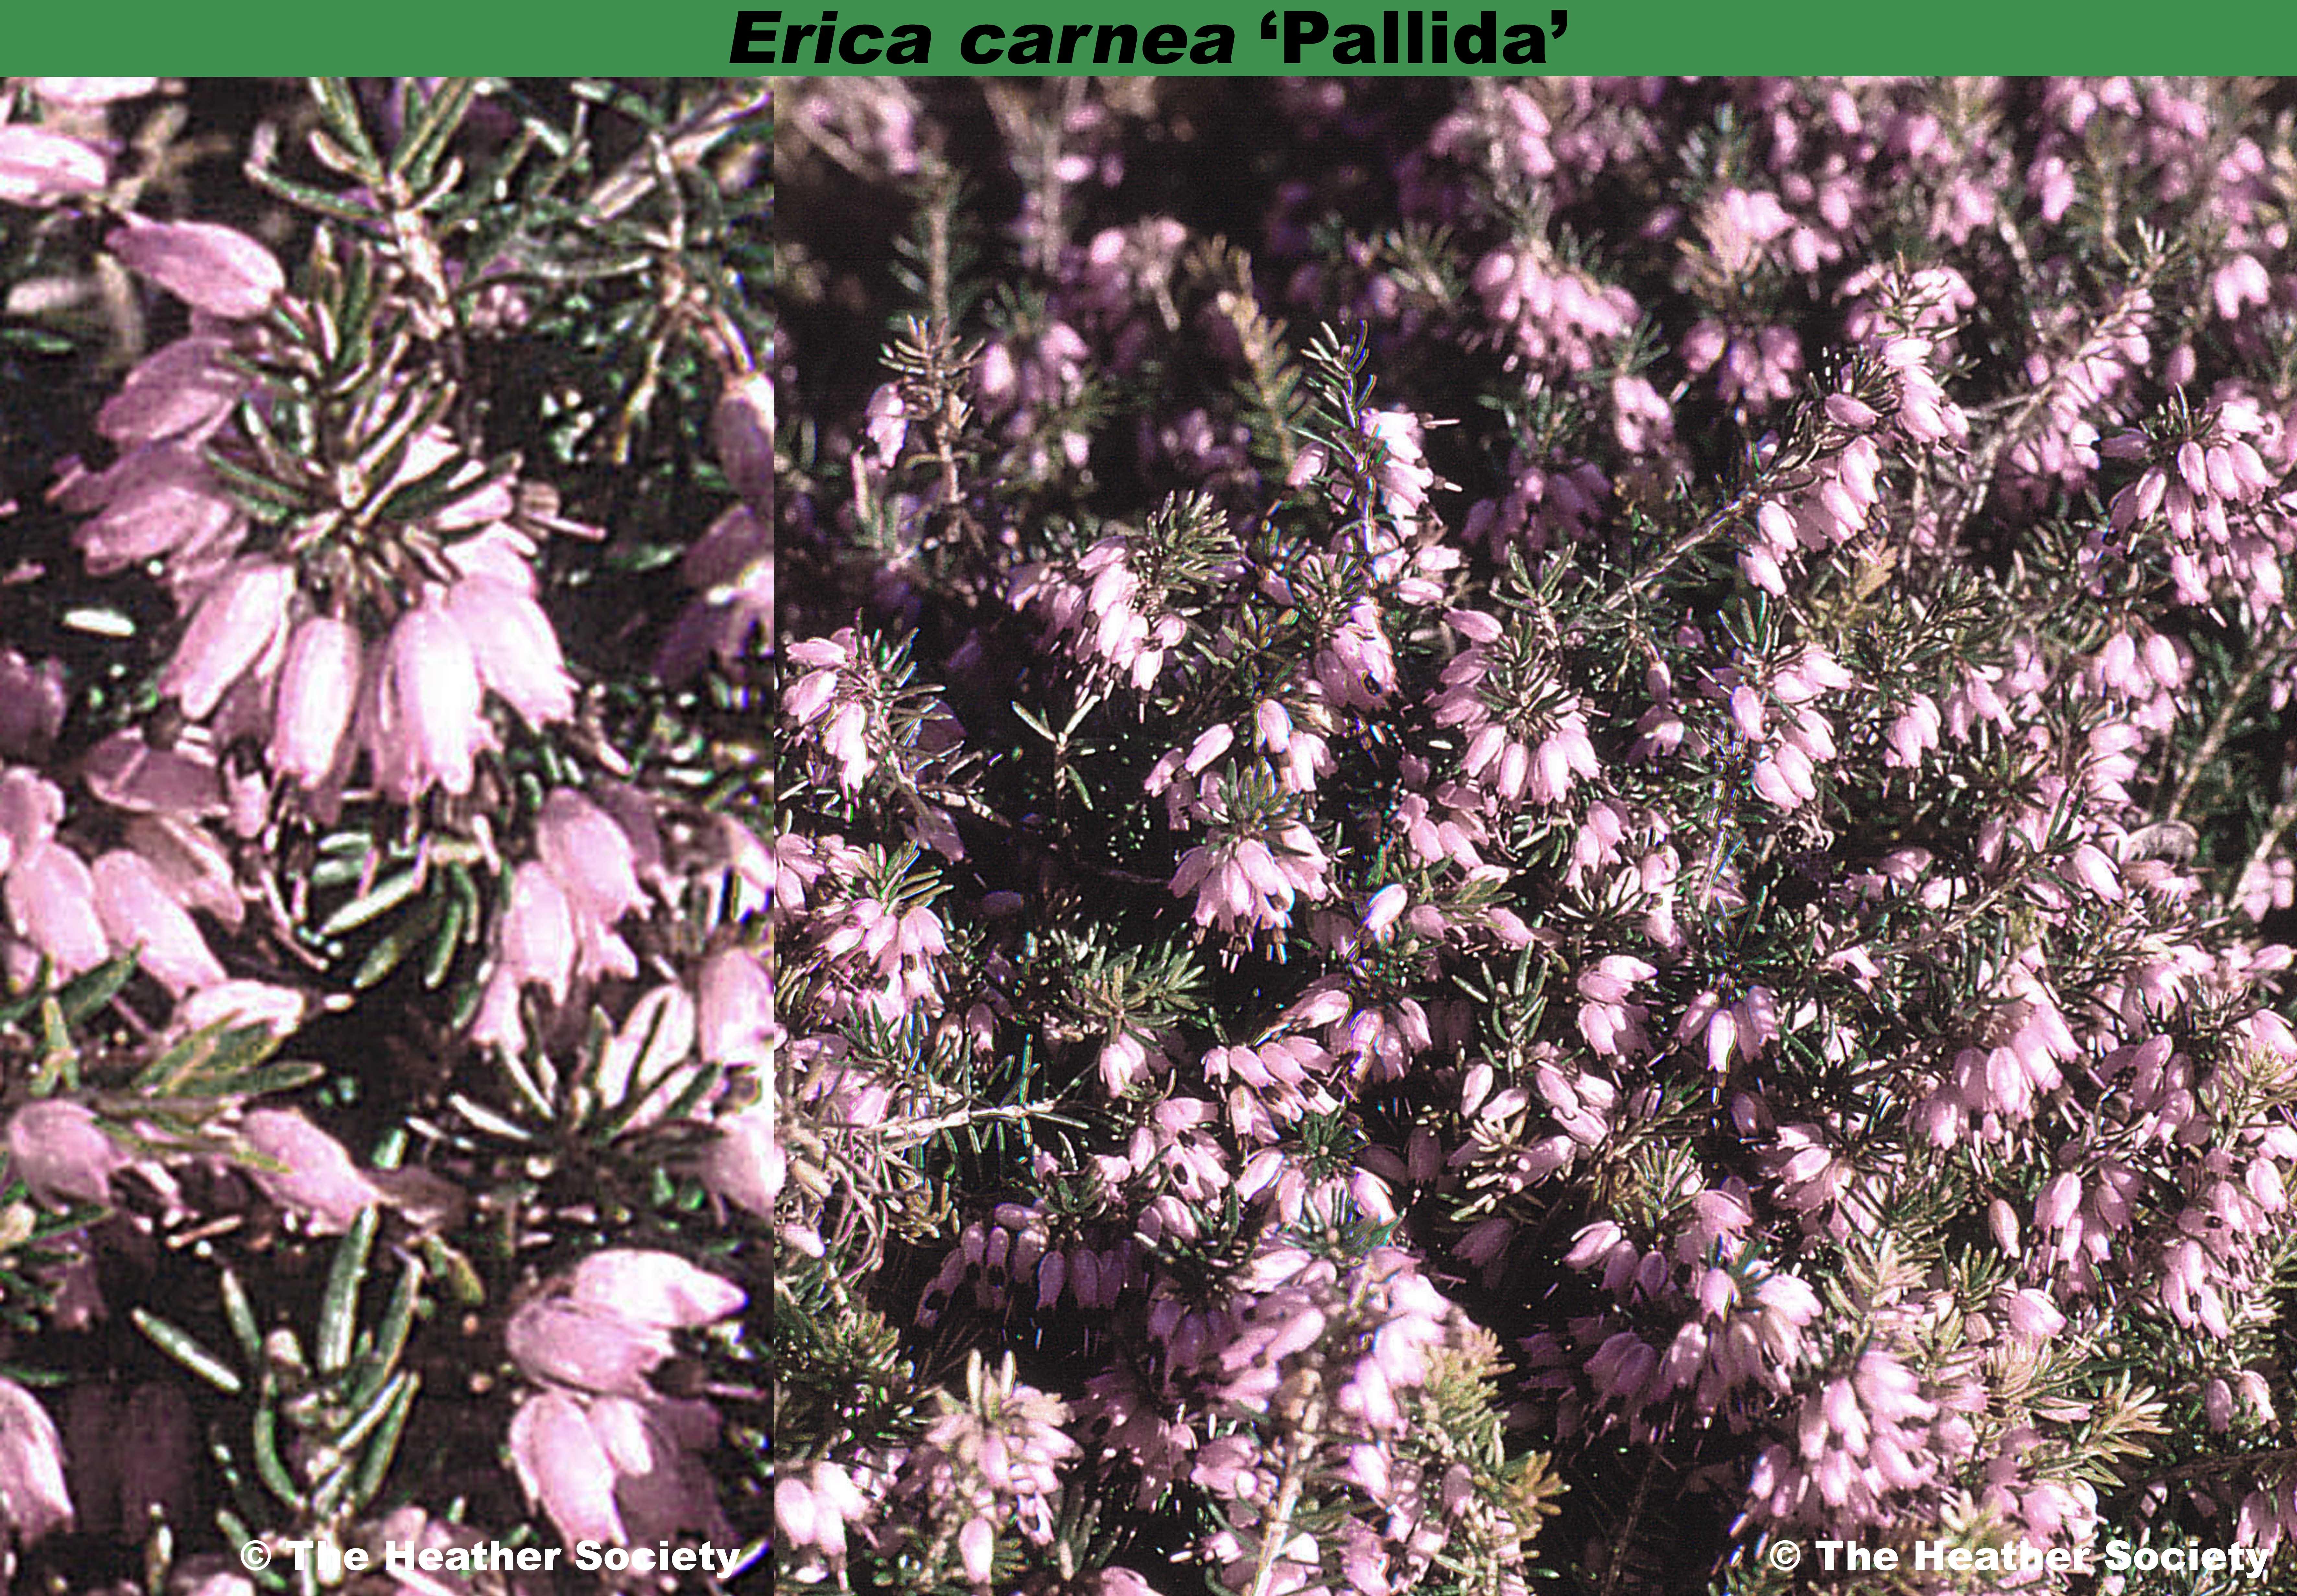 Erica carnea 'Pallida'